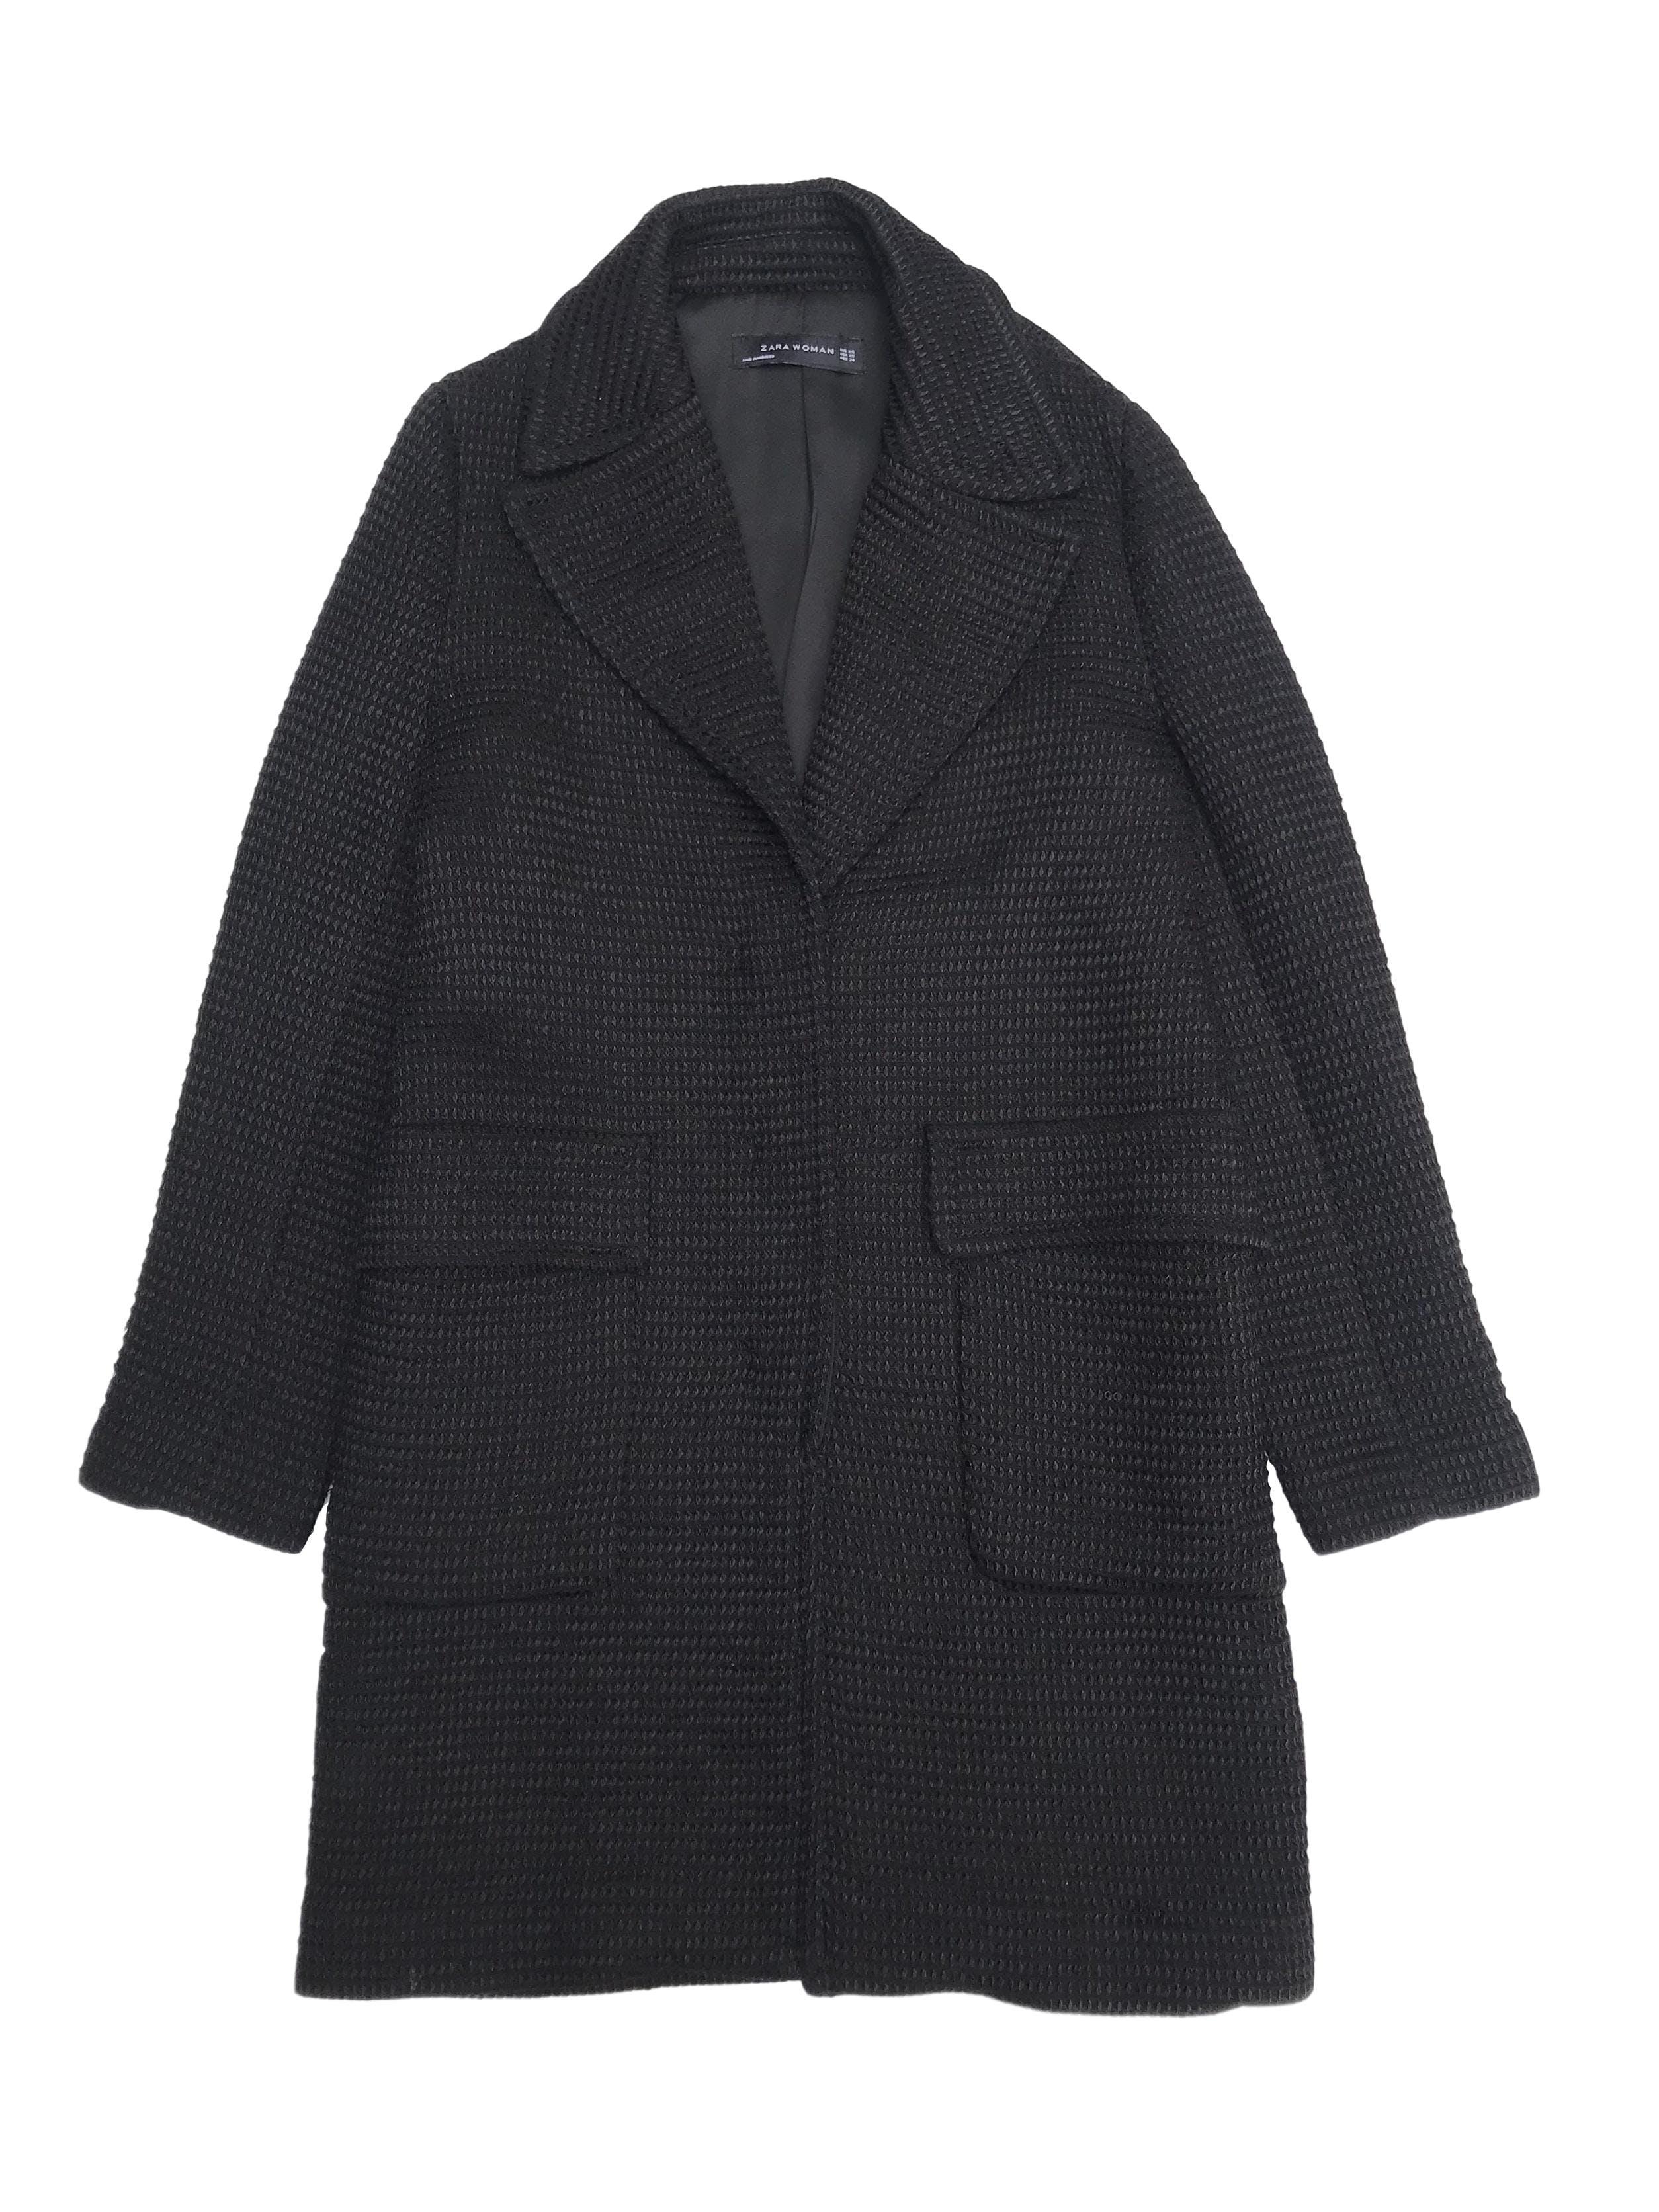 Abrigo Zara negro texturado, forrado, con solapas y bolsillos delanteros. Largo 85cm. Precio original S/ 350